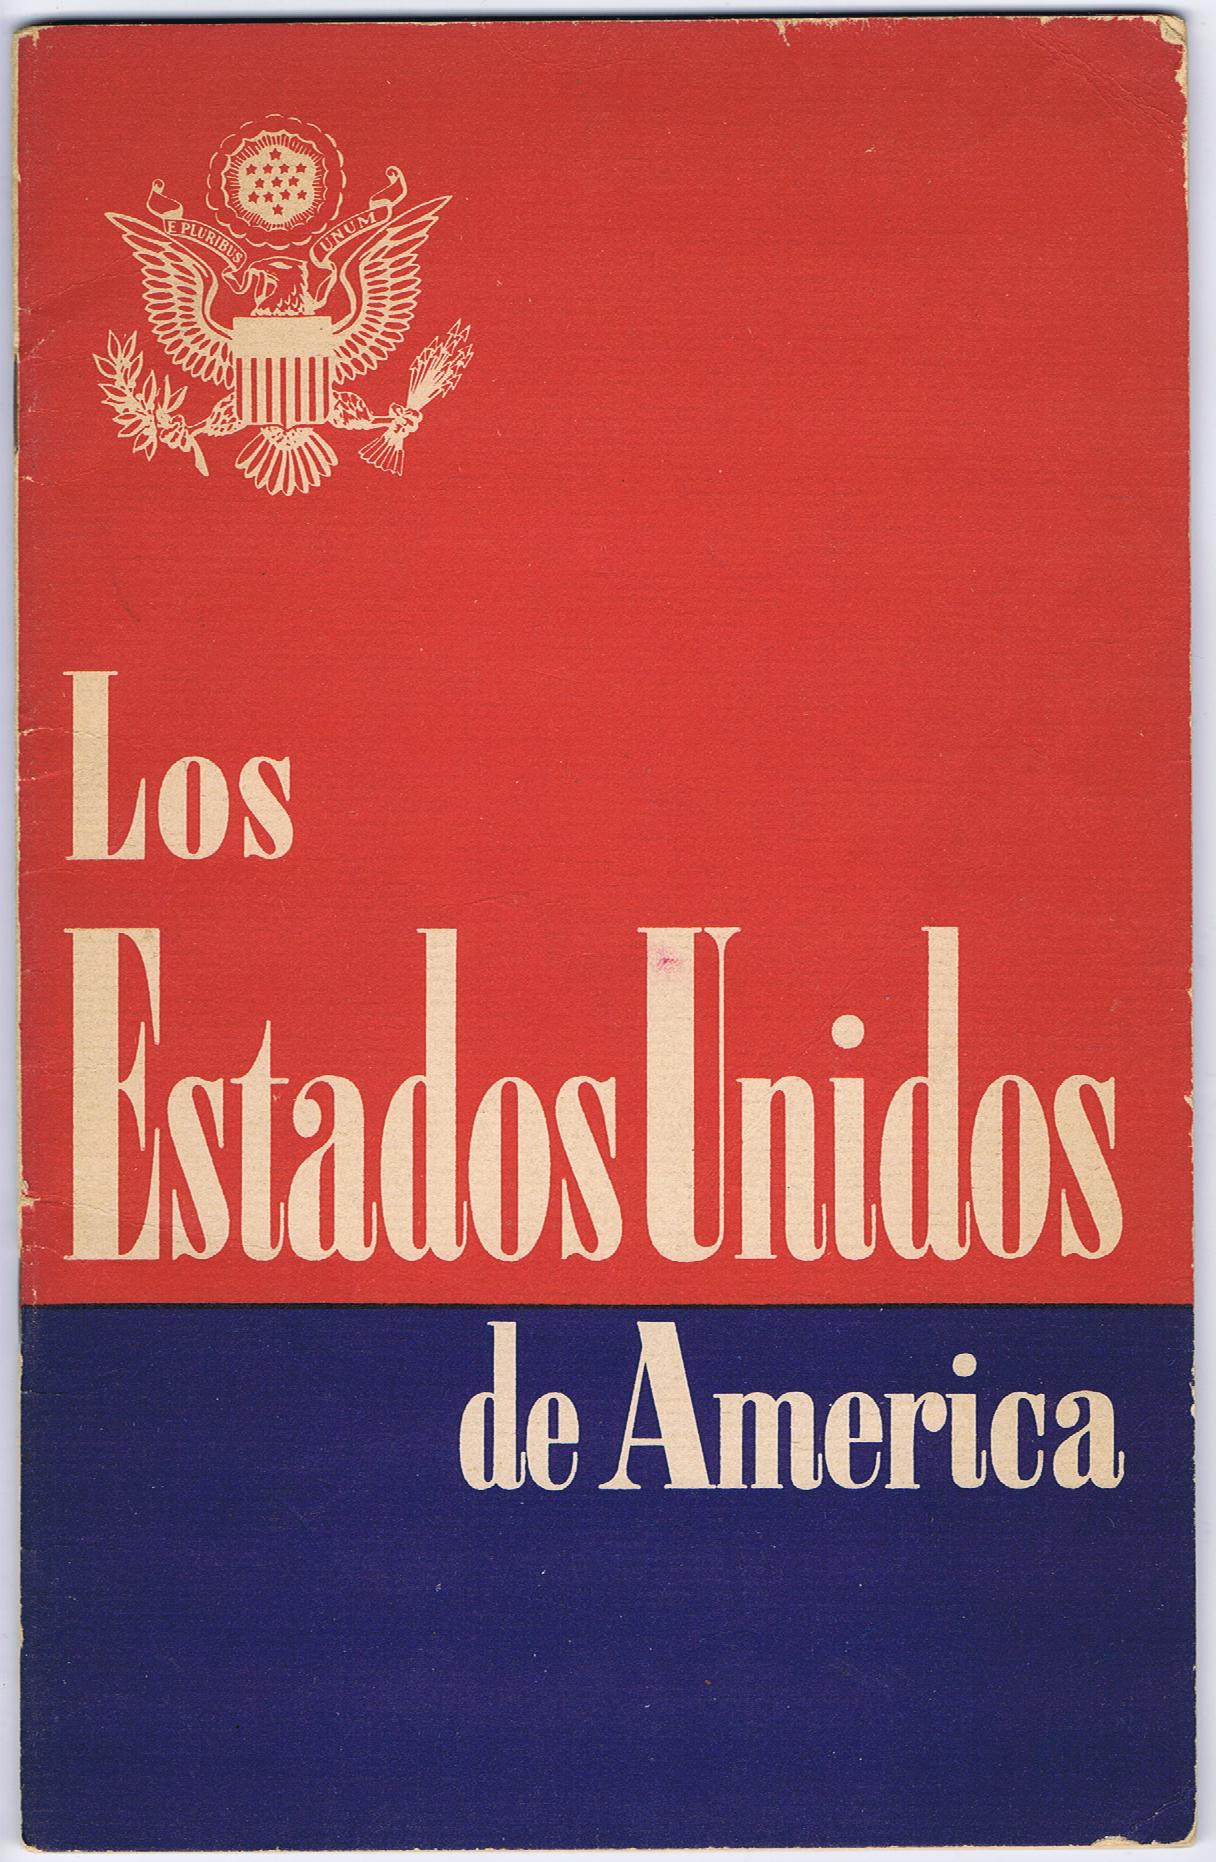 """J951SOUTH AMERICA AND THE WAR: """"LOS ESTADOS UNIDOS DE AMERICA"""""""